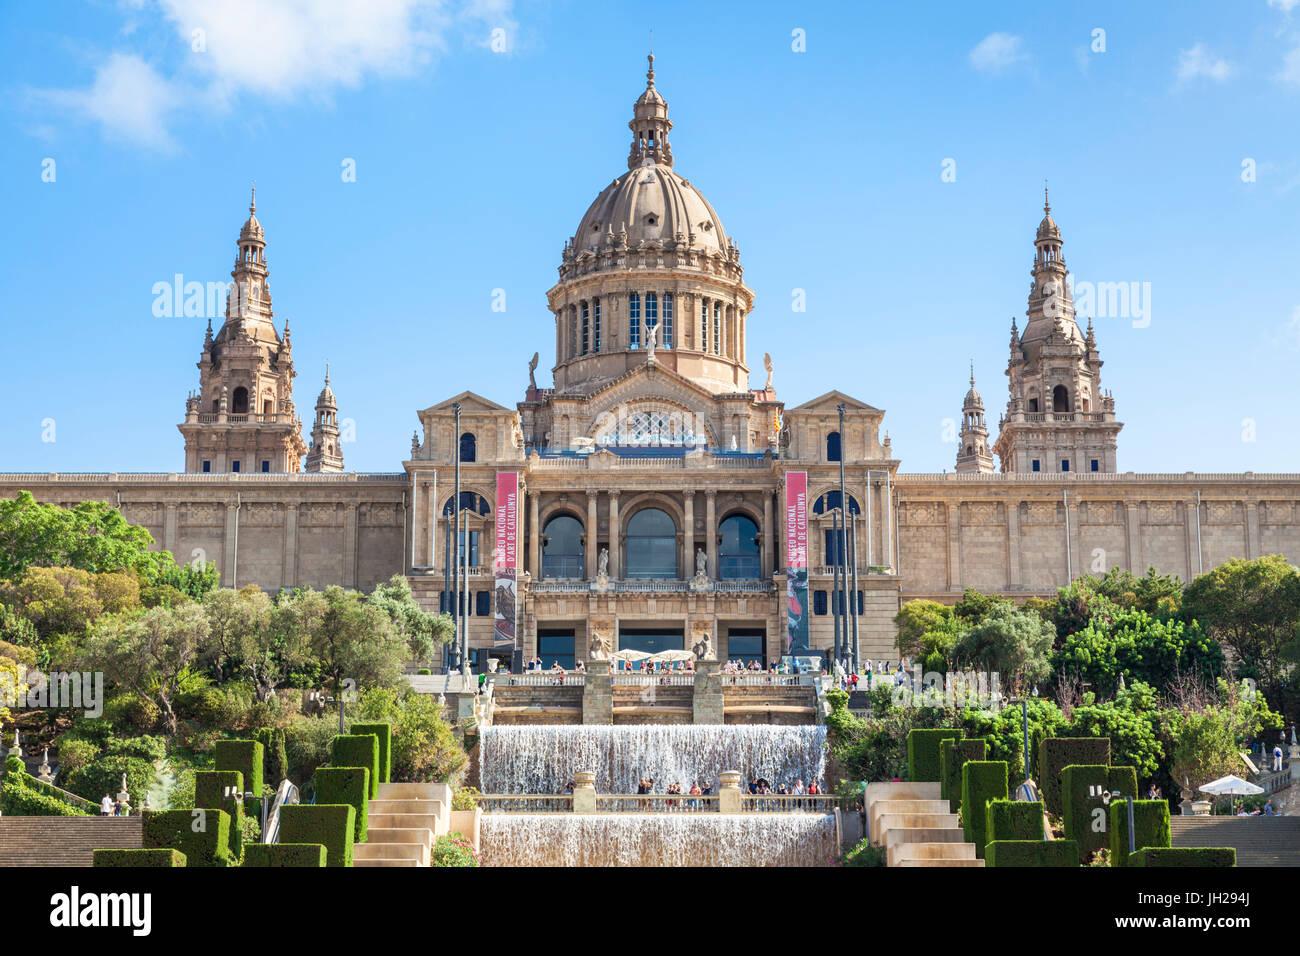 La Fuente Mágica de Montjuic debajo del Palau Nacional, MNAC, La Galería Nacional de Arte, Barcelona, Cataluña (Catalunya), España Foto de stock